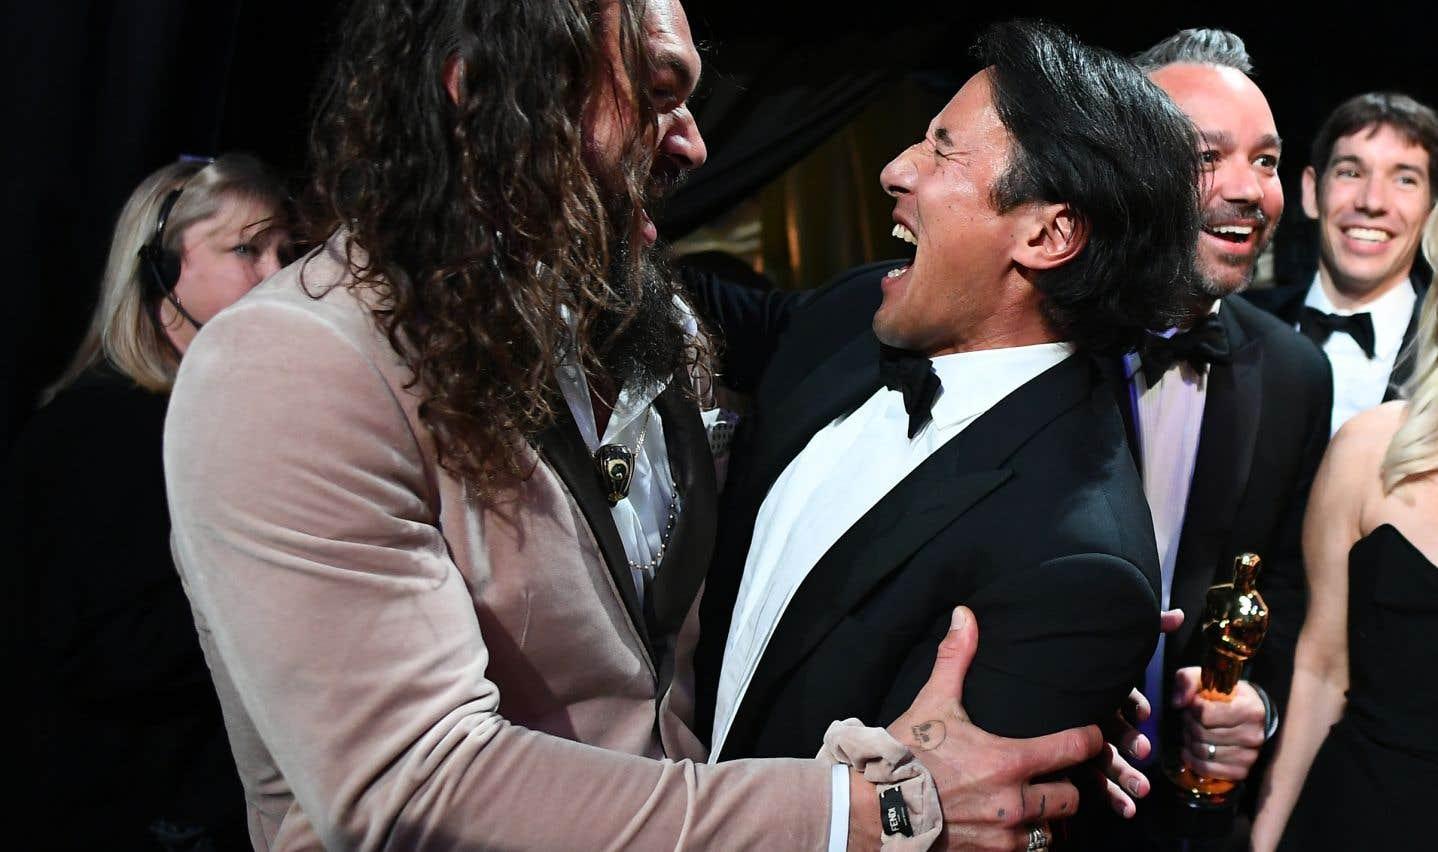 L'équipe de «Free Solo» est repartie avecl'Oscar du meilleur long métrage documentaire. Sur la photo, l'acteurJason Momoa etJimmy Chin célèbrent la victoire dans les coulisses de la cérémonie.